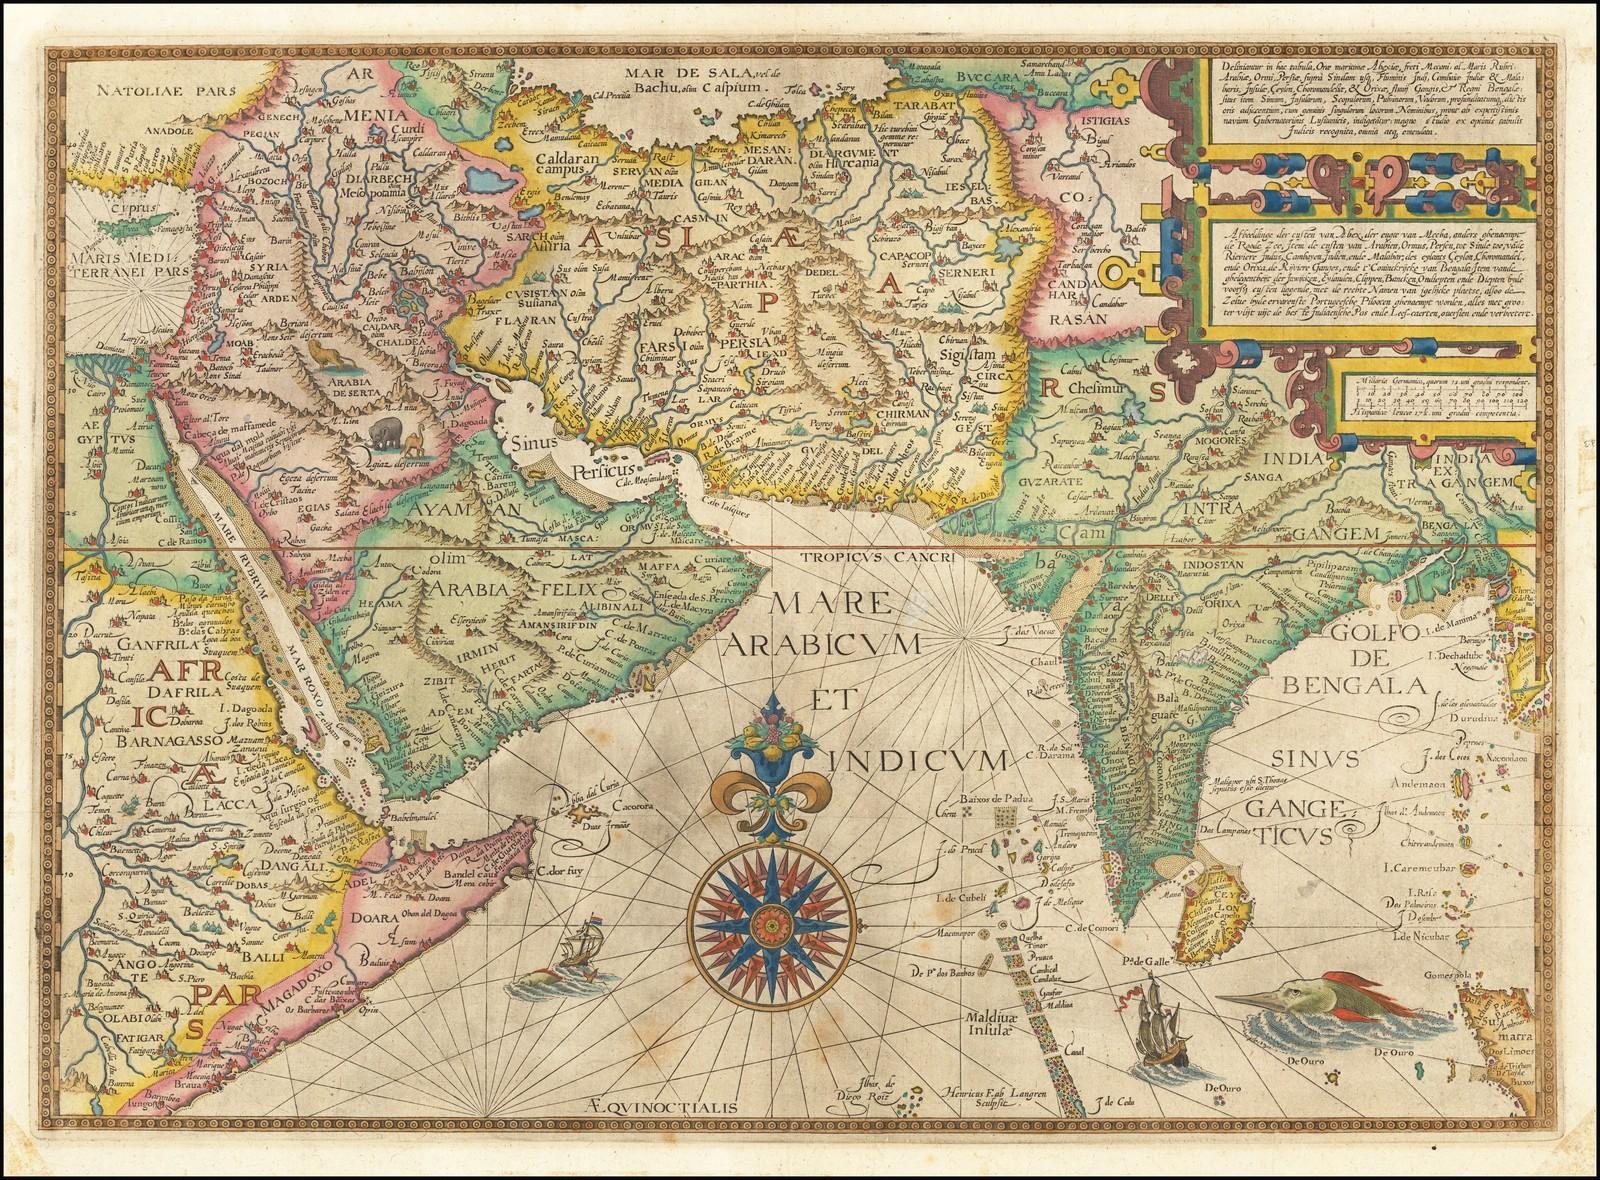 Великолепная карта региона 16-го века с центром в Индийском океане, из Linschoten'S Itinerario